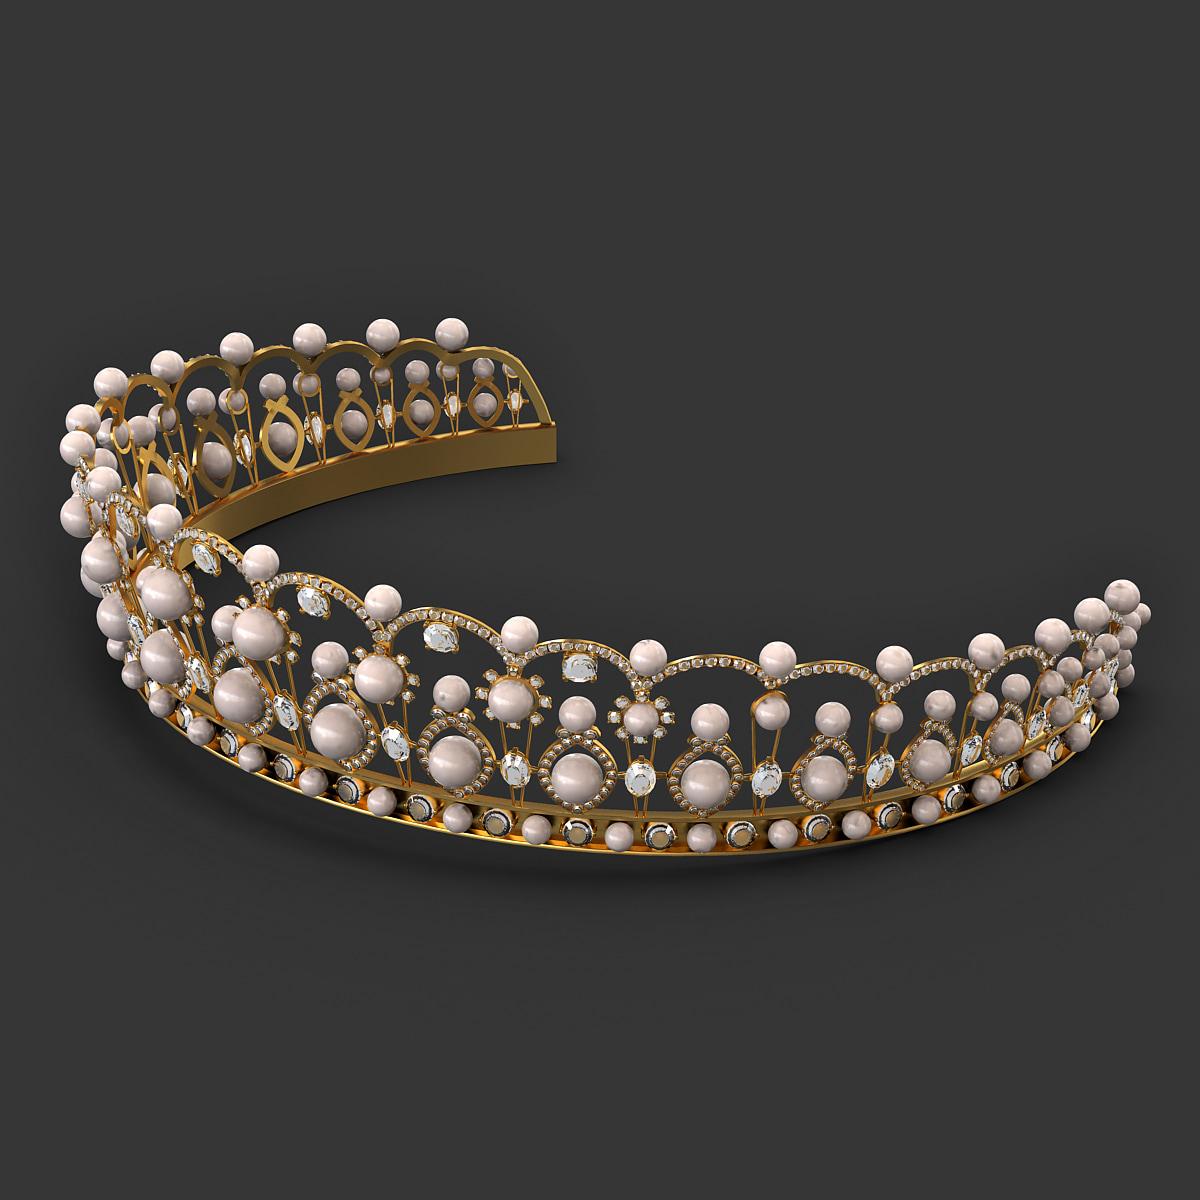 diadem tiara crown 3d max